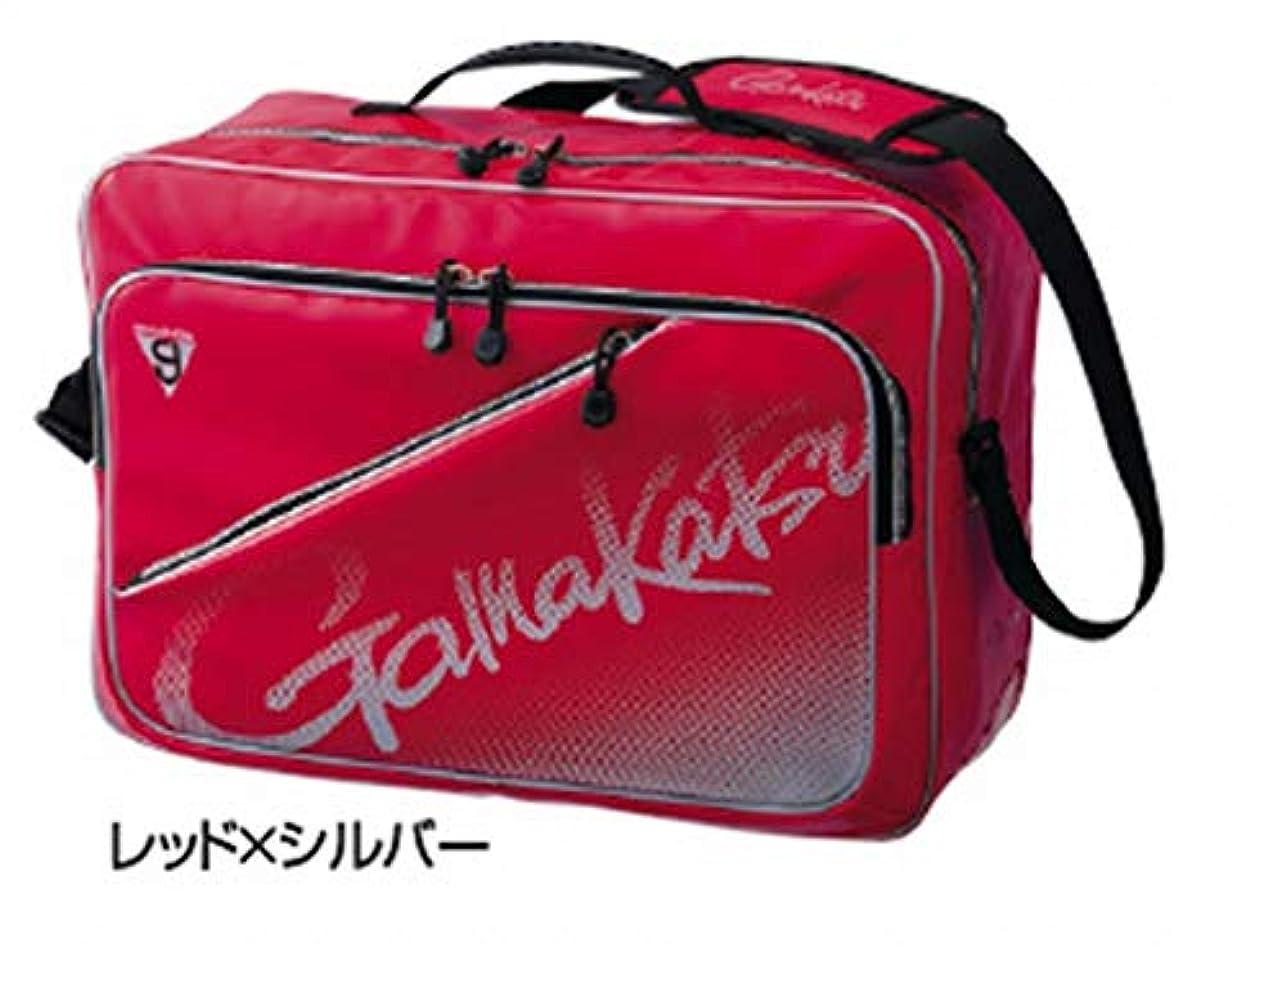 本優勢関係がまかつ(Gamakatsu) 3WAYバッグ レッド/シルバー GM3580 レッド/シルバー